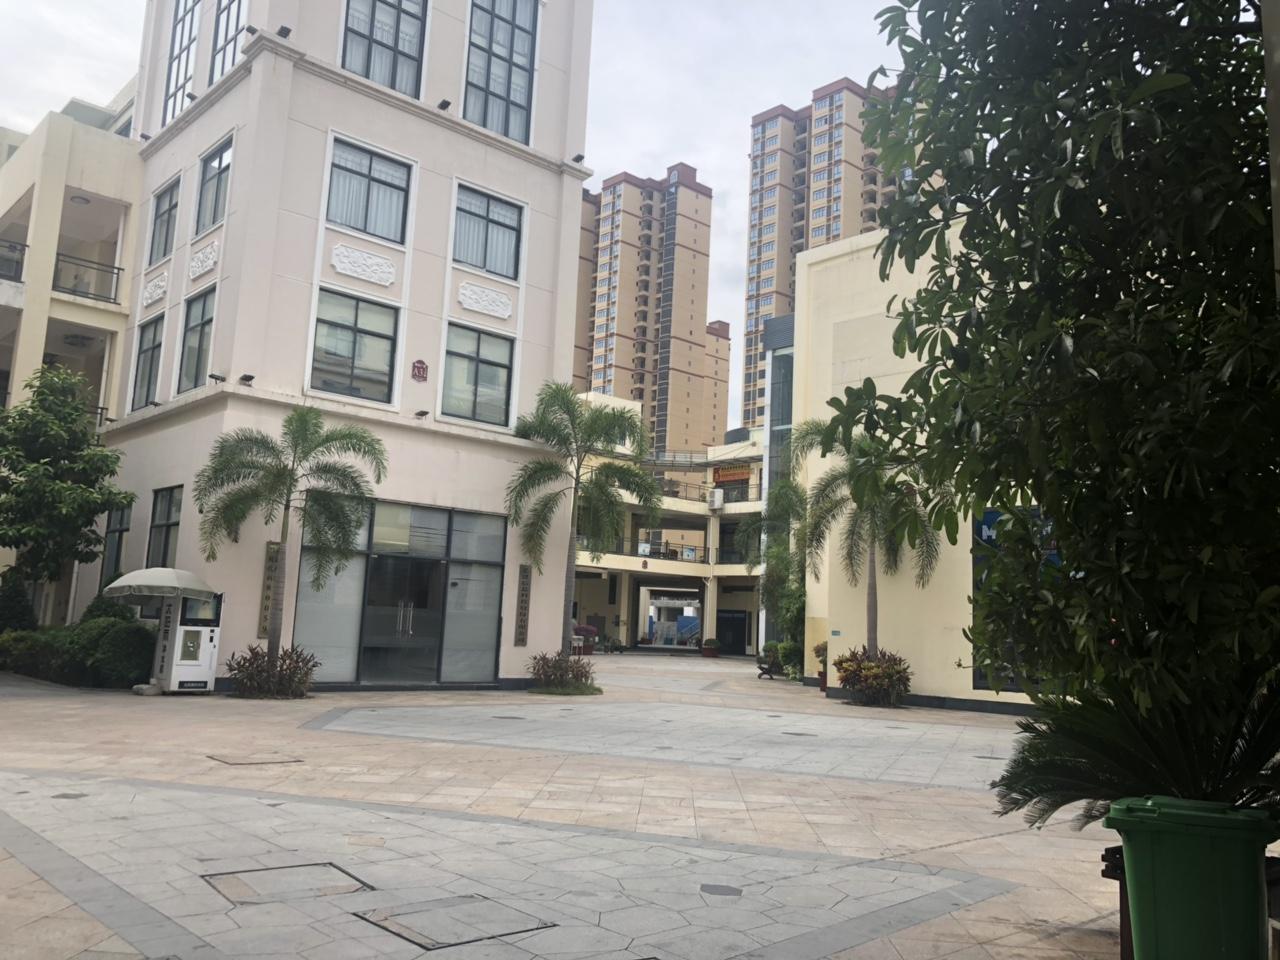 鼎尚广场1室 1厅 1卫68万元